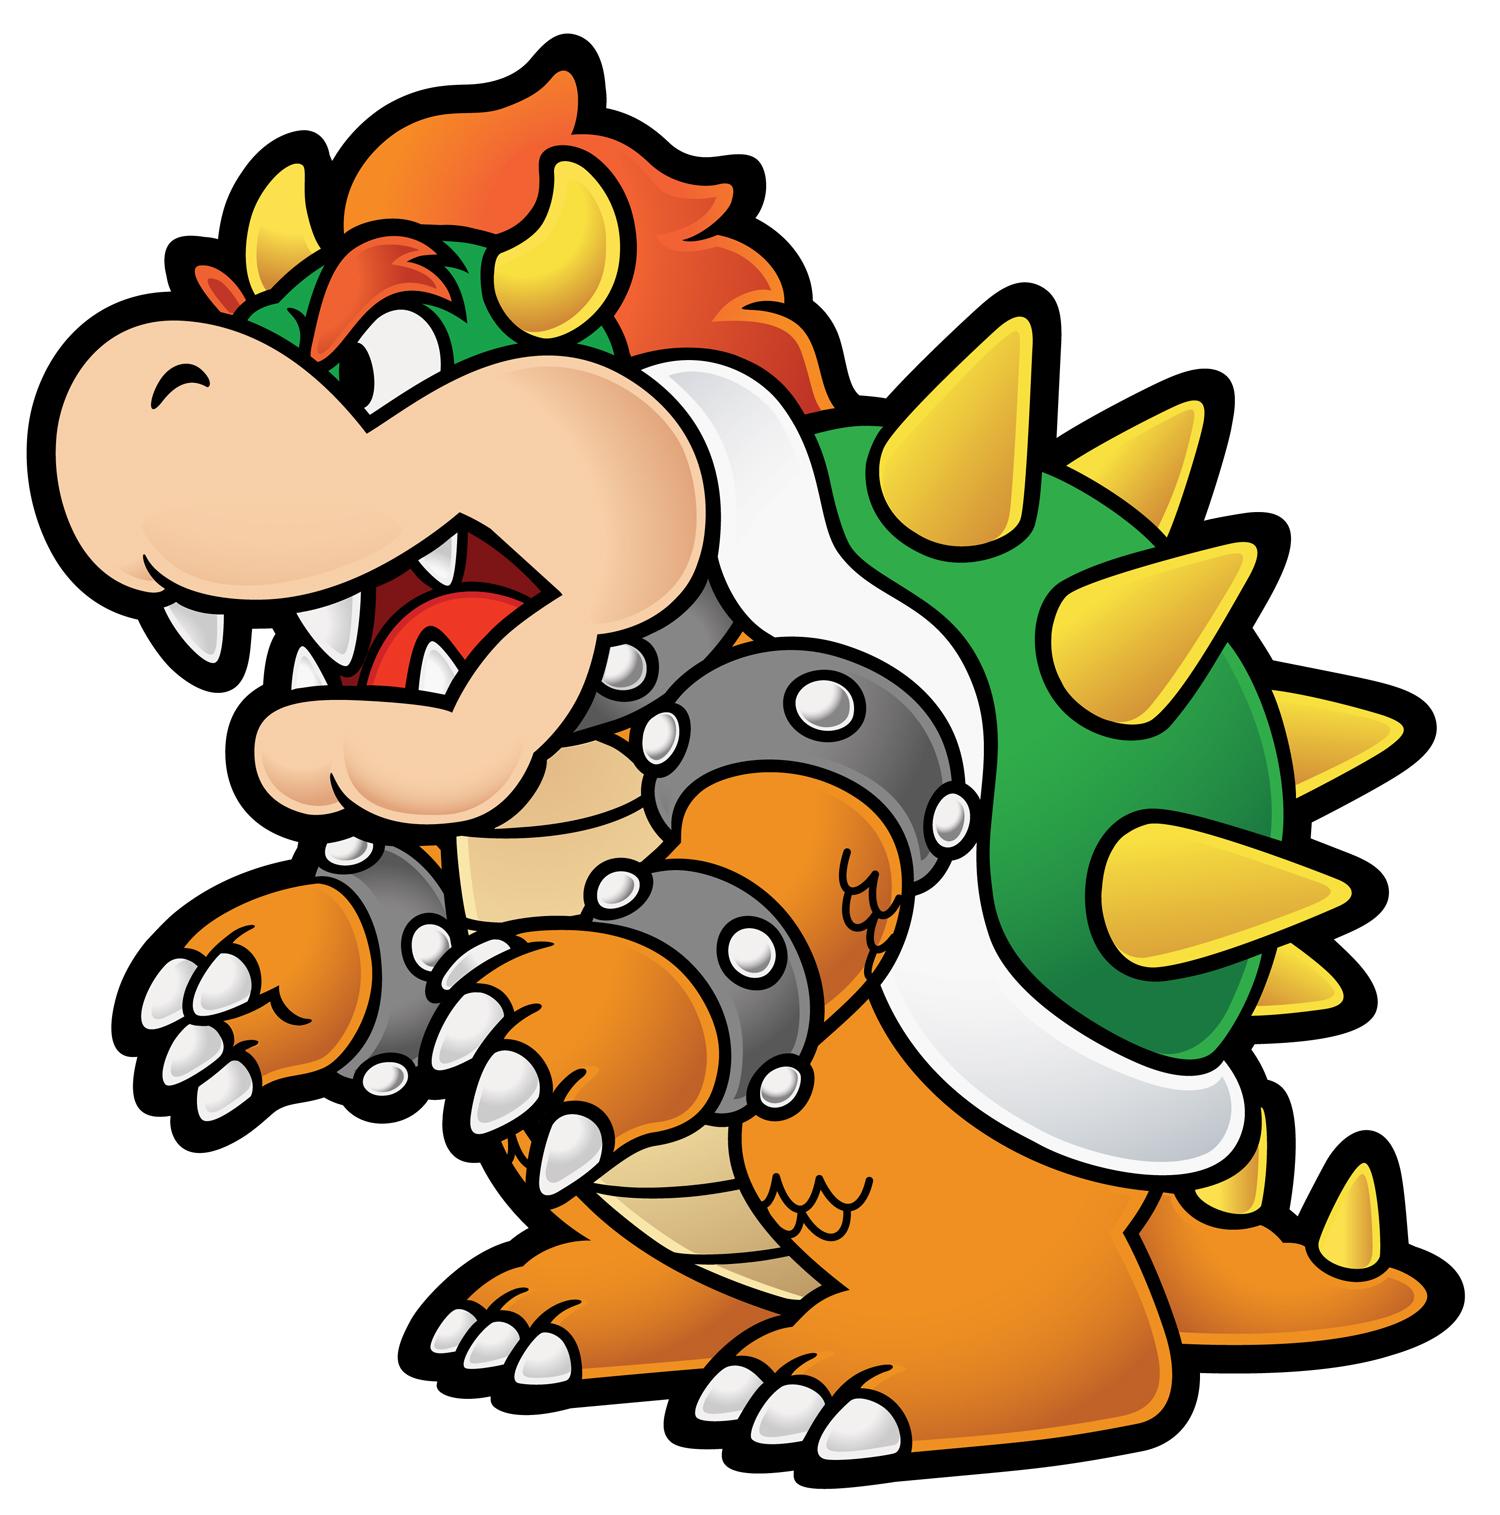 Mario clipart kuppa Koopa Koopa King King King